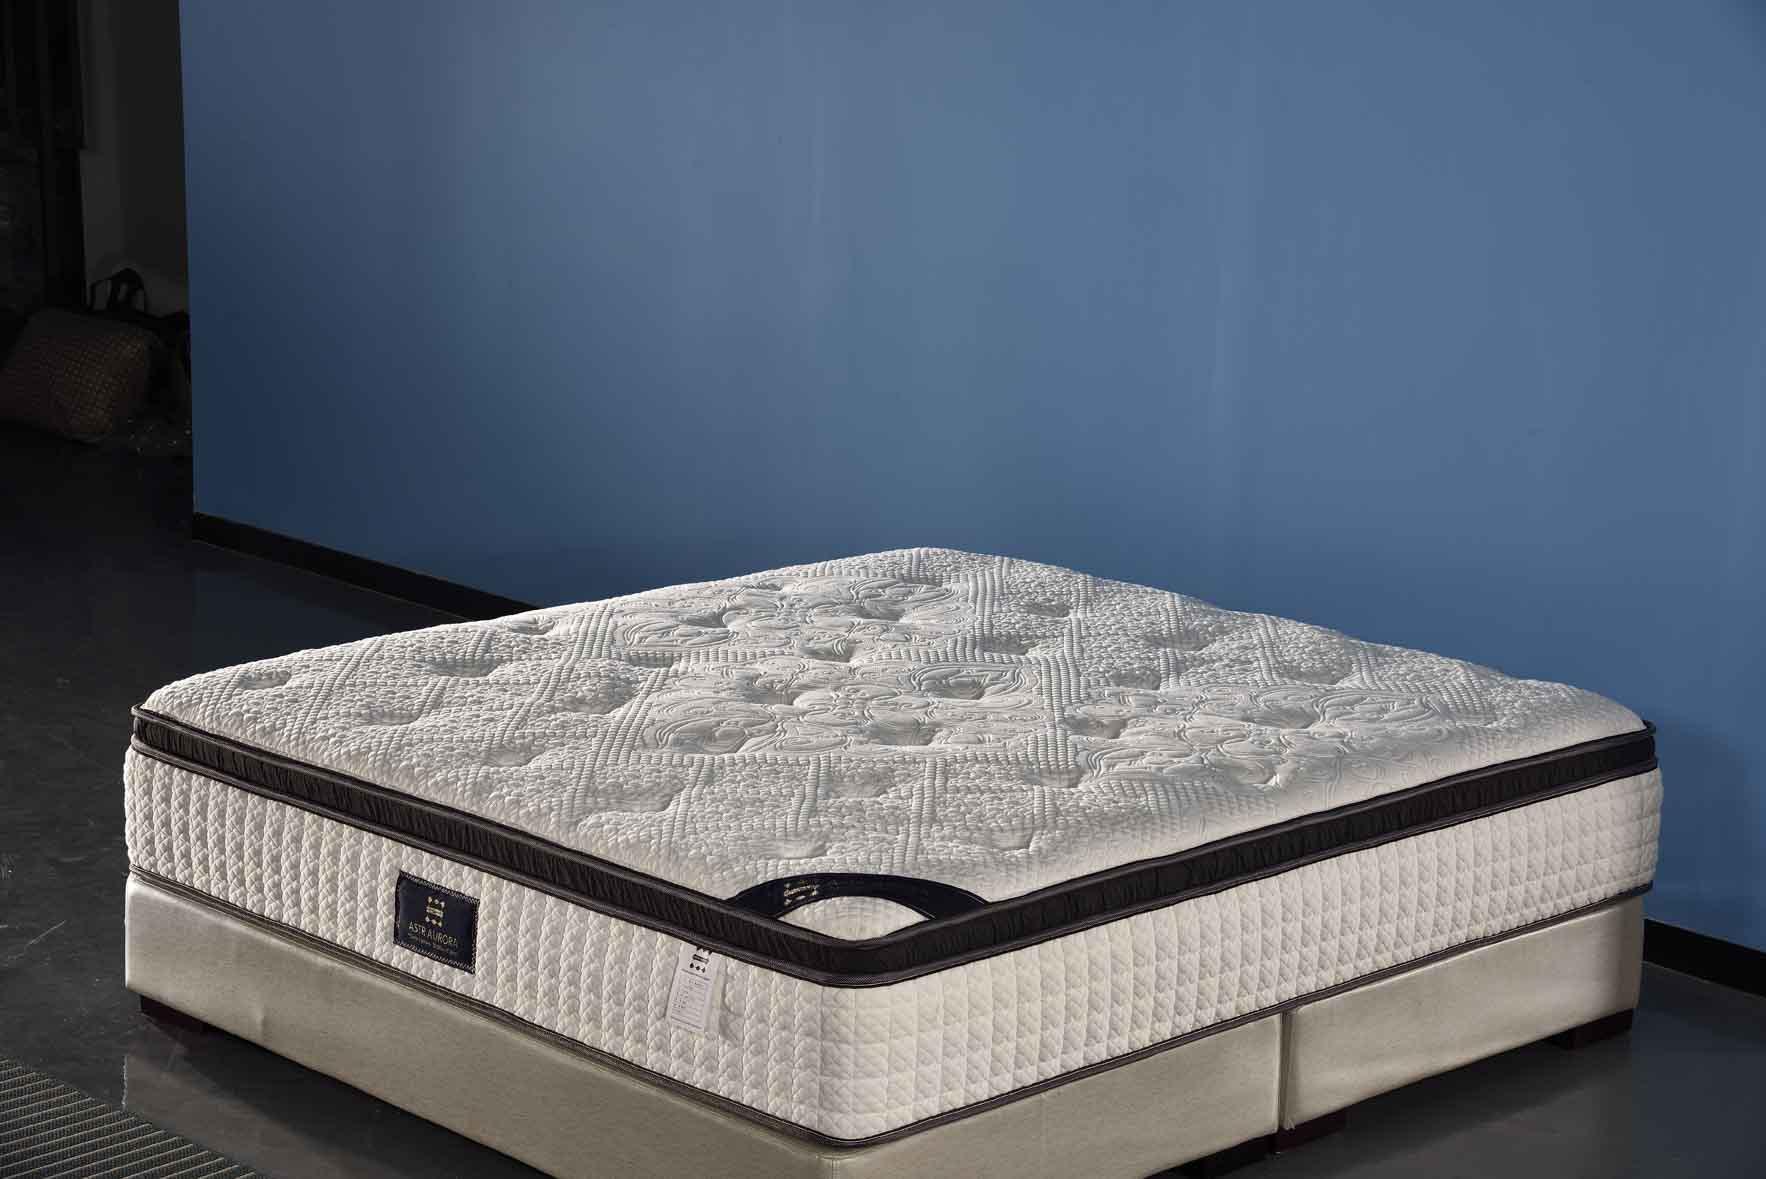 苏州家庭床垫规格尺寸 苏州星夜家居科技供应